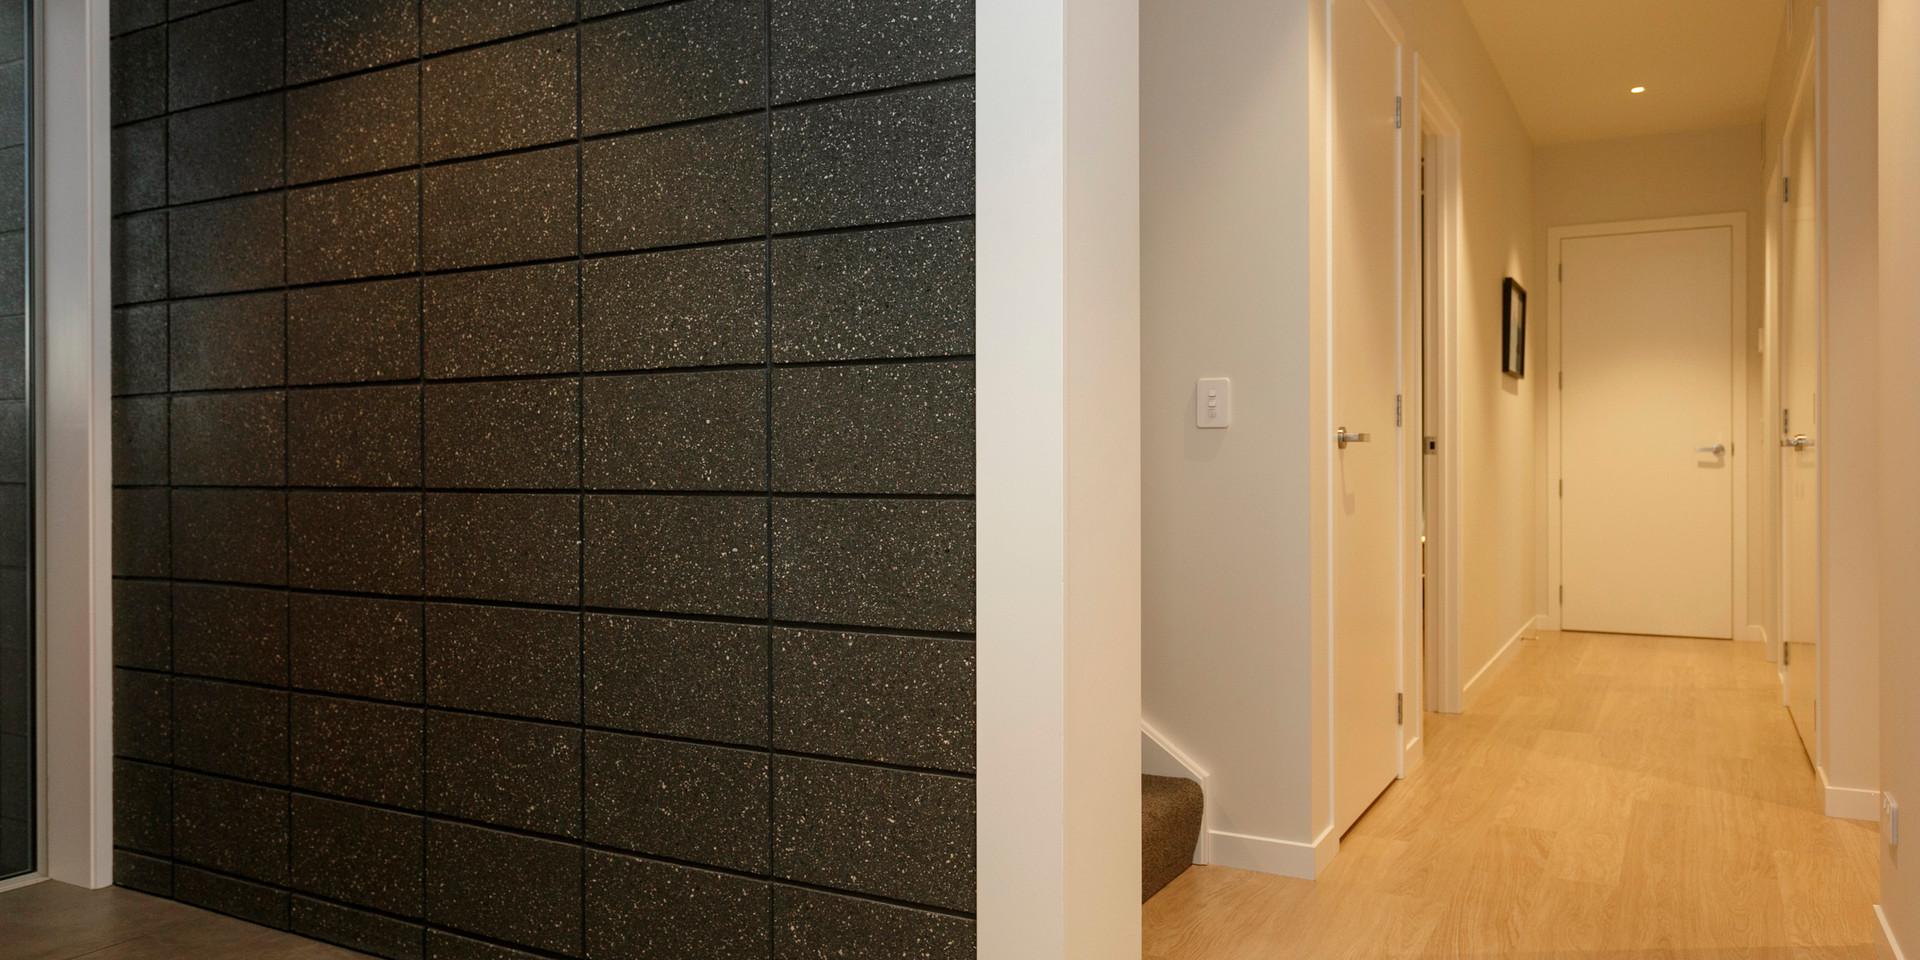 Brick Entryway and Hallway